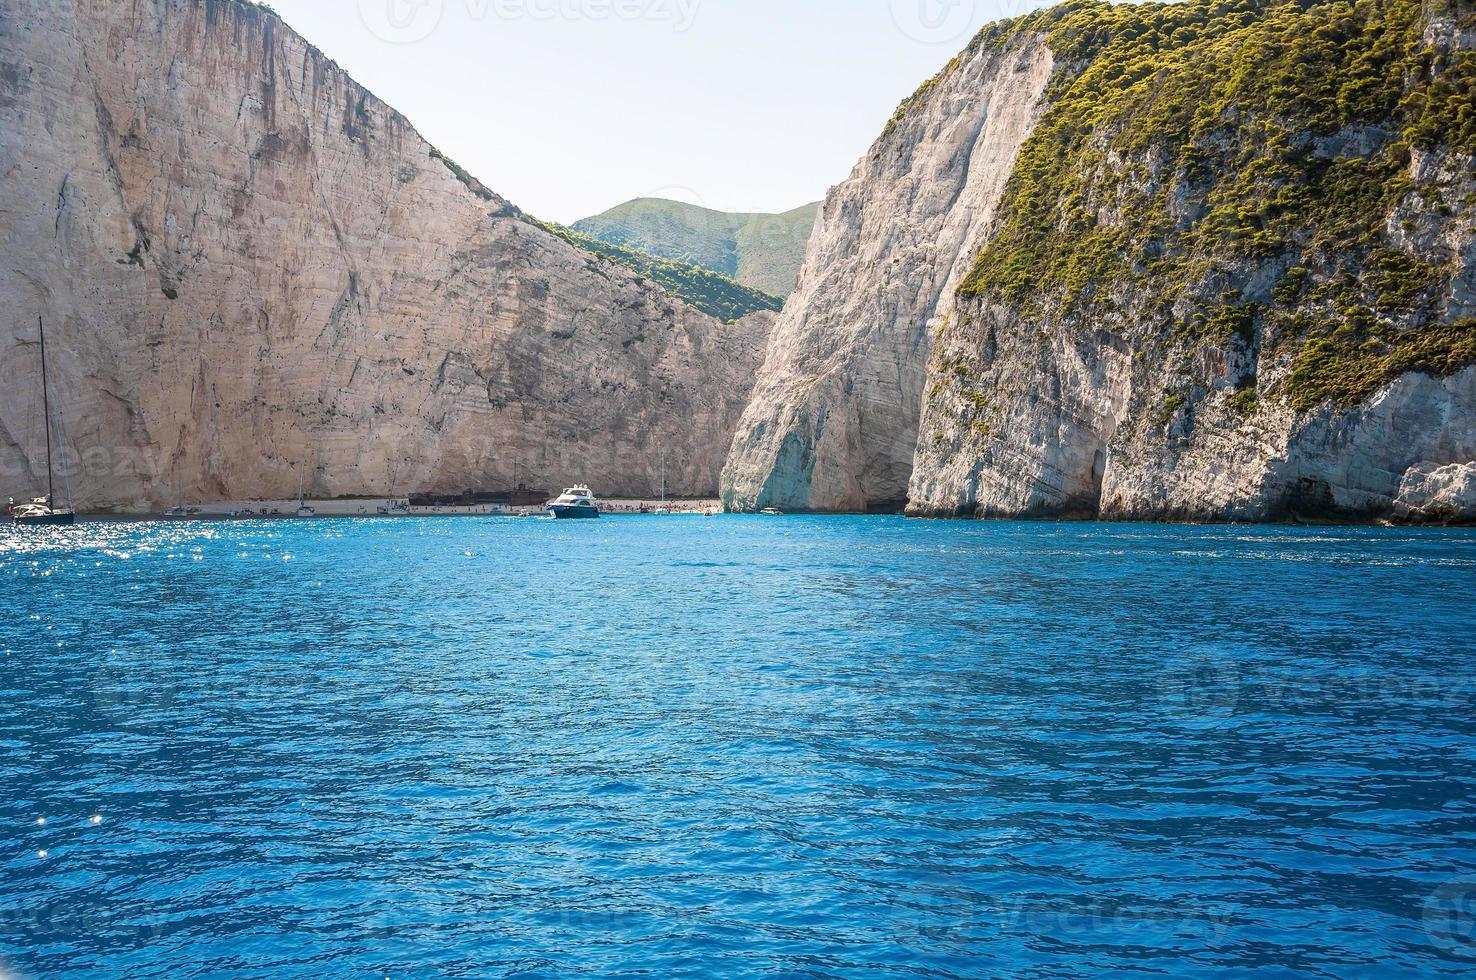 uitzicht op navagio strand op zakynthos eiland, griekenland foto